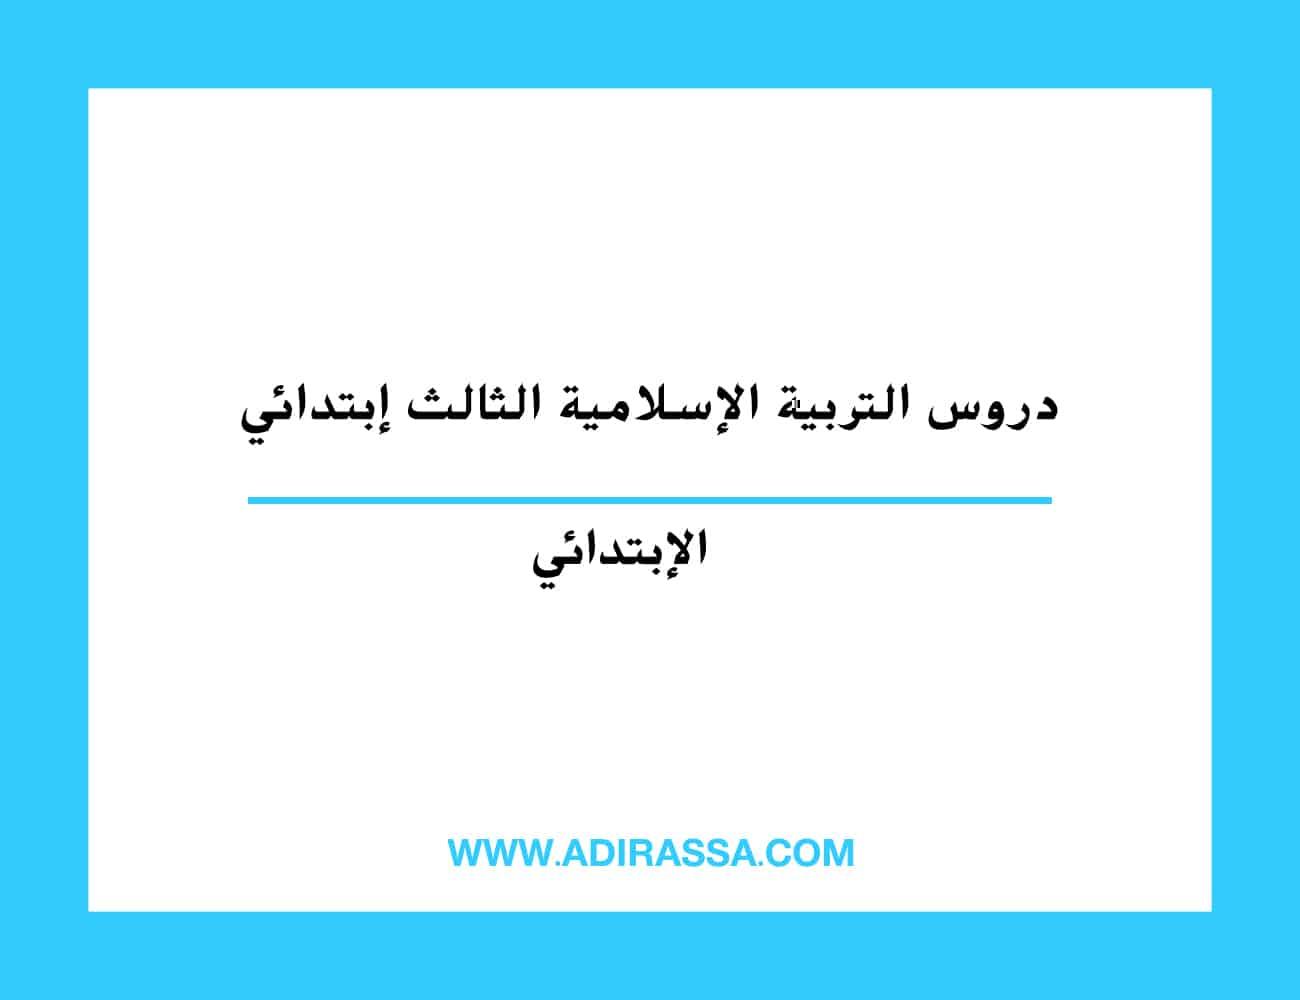 دروس التربية الإسلامية الثالث ابتدائي المقررة بالمدرسة المغربية